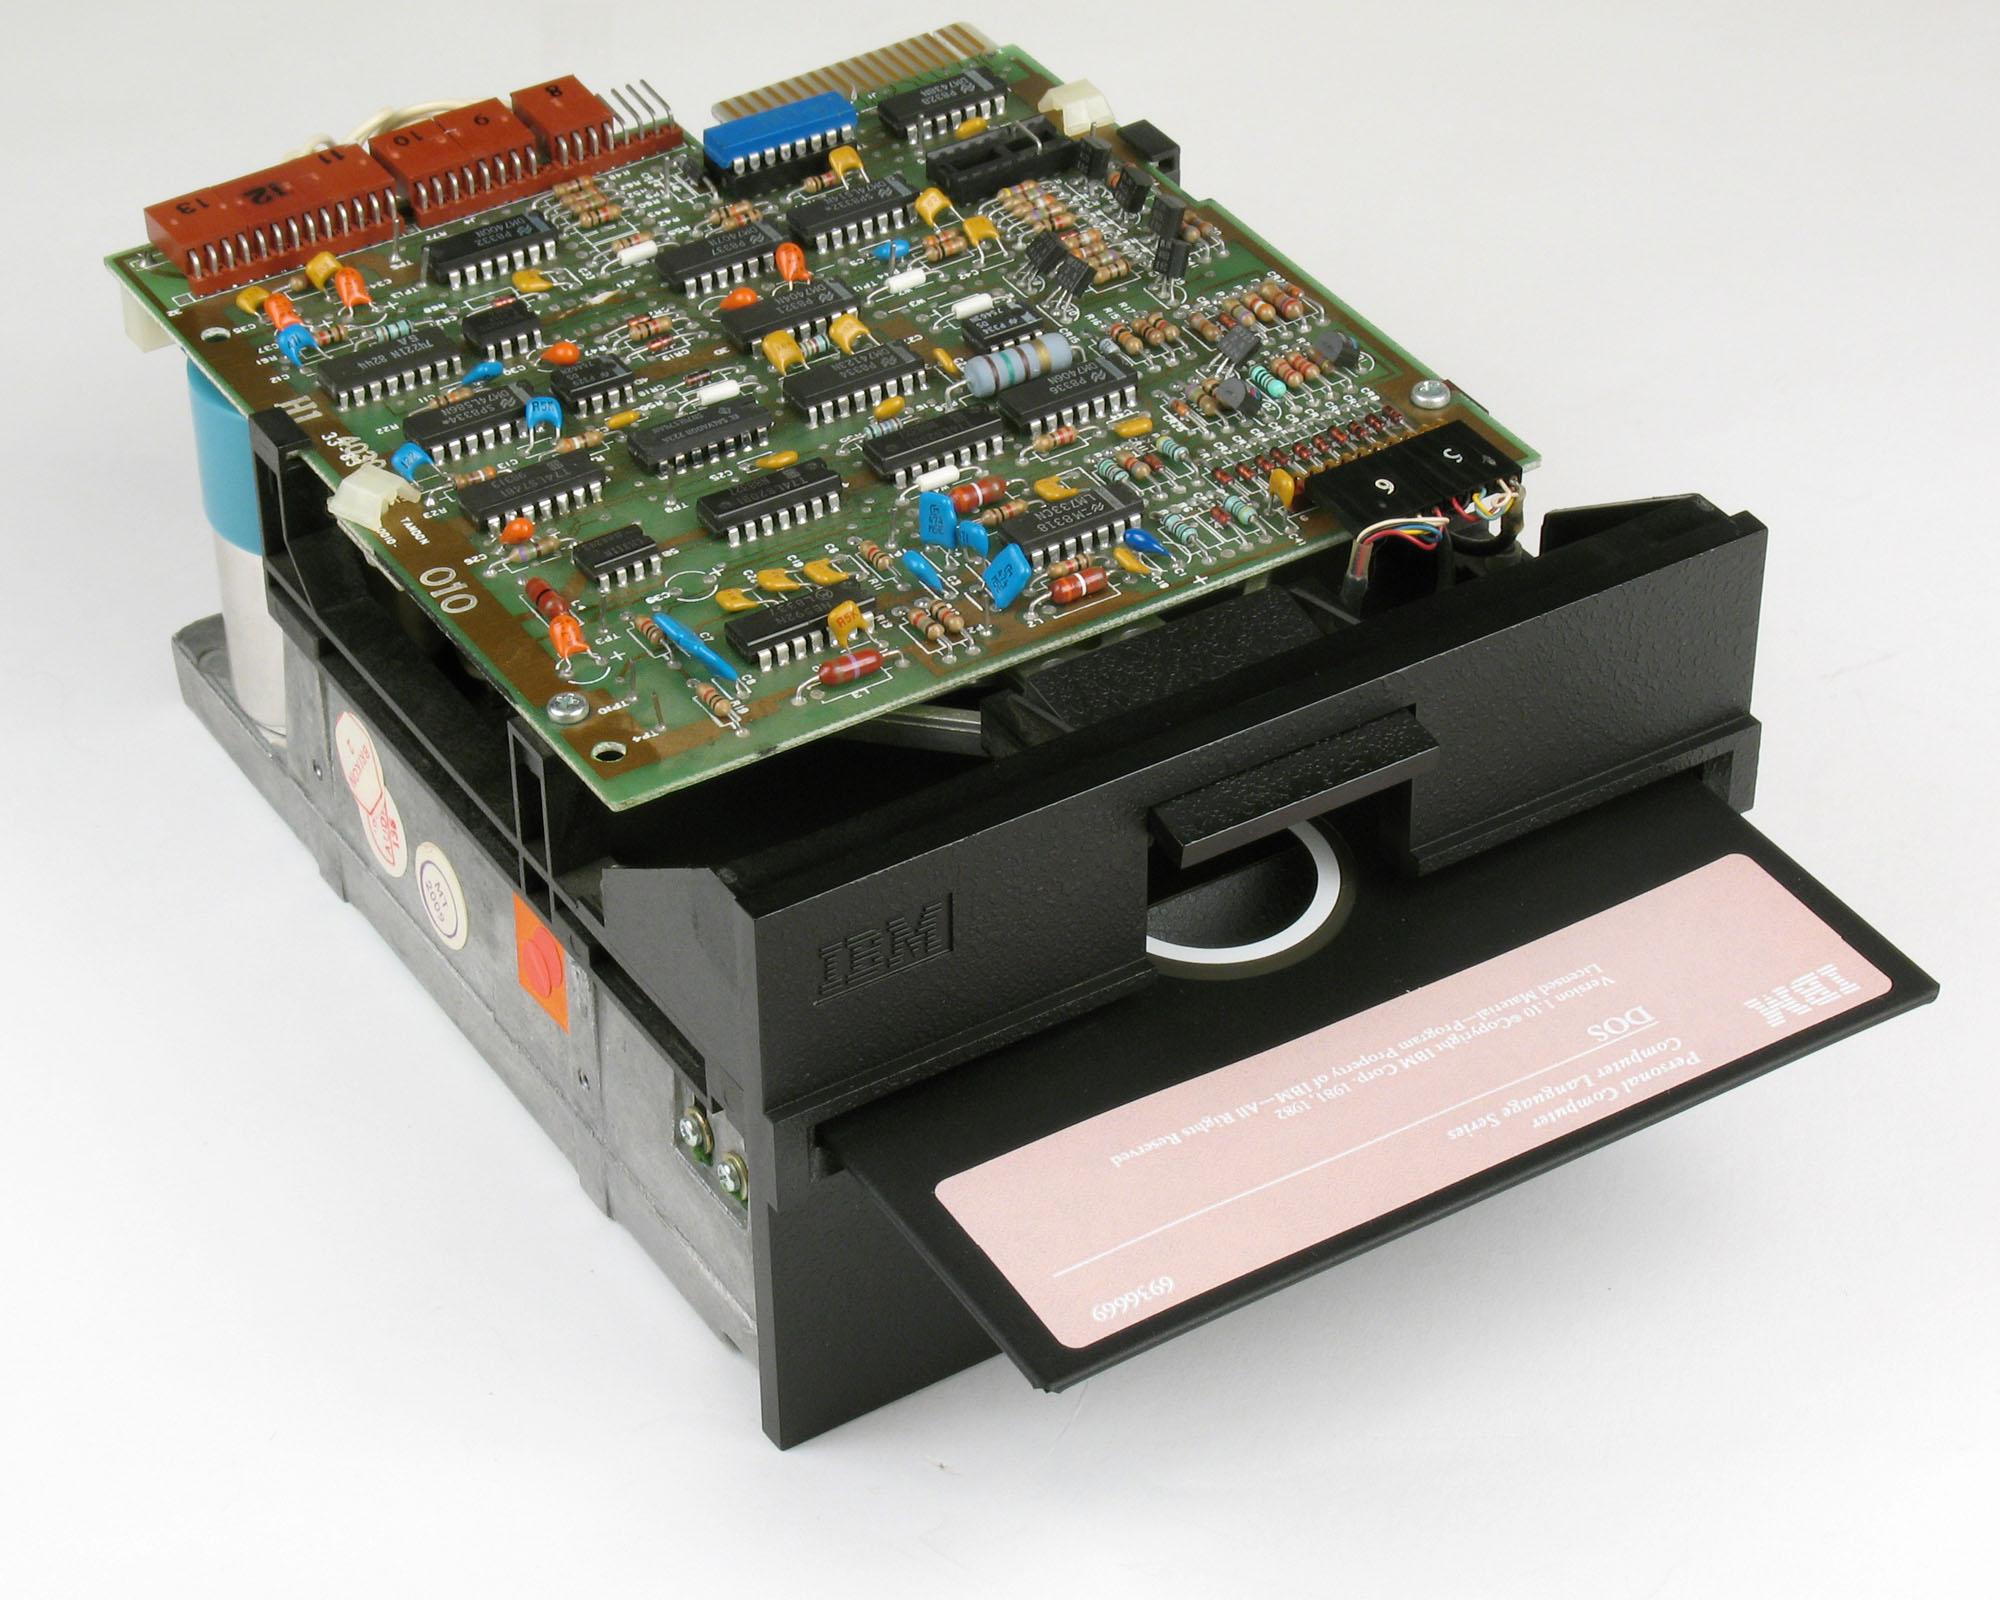 Unidad de disco IBM PC 5 1/4 pulgadas con DOS 1.1